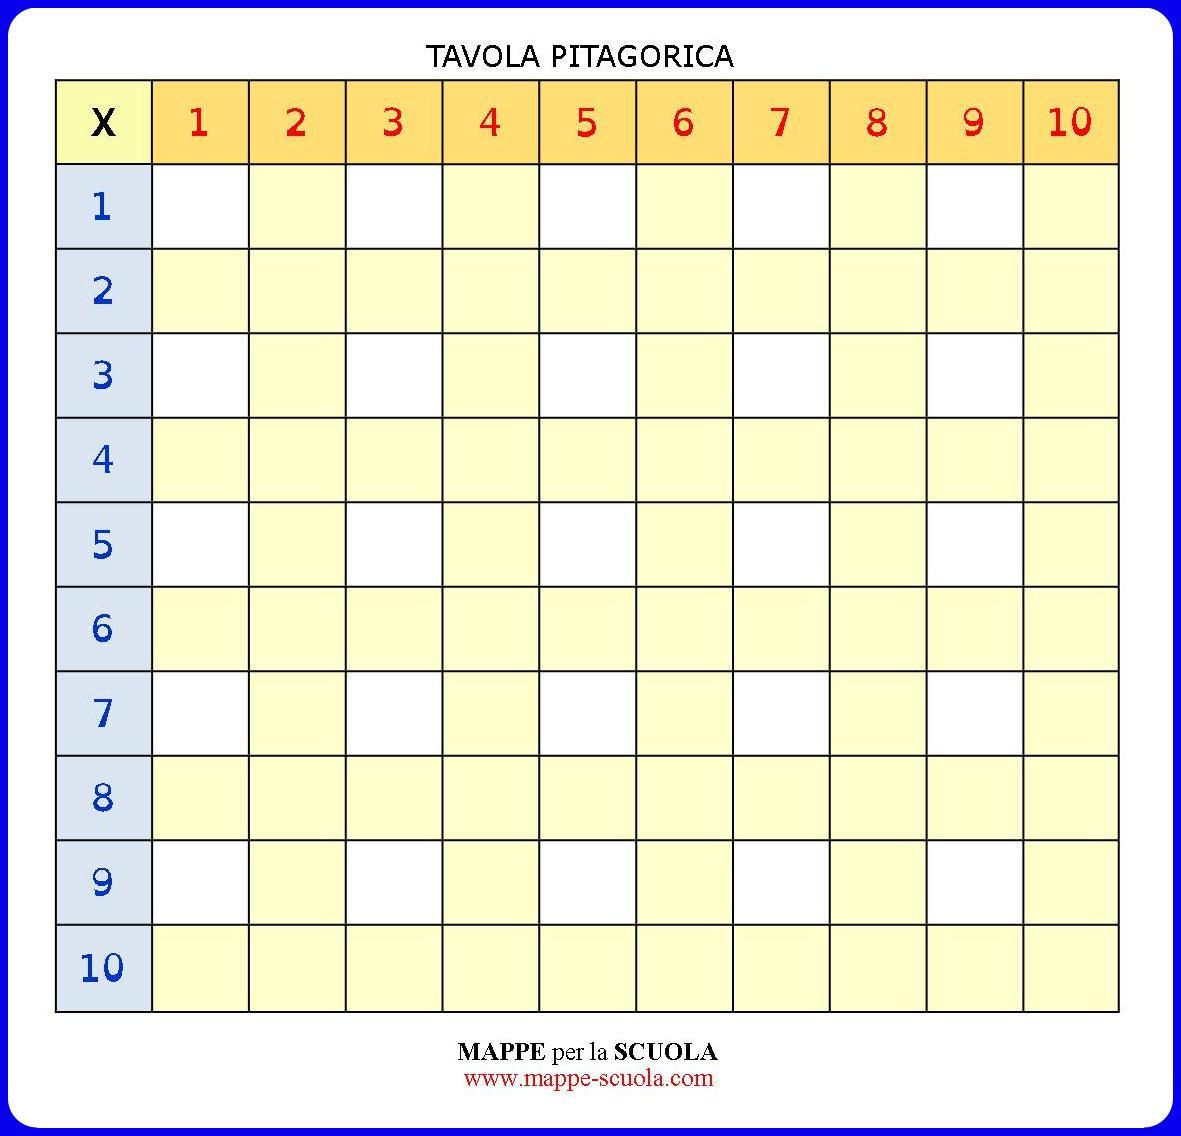 Mappe per la scuola tavola pitagorica - La tavola pitagorica da stampare ...